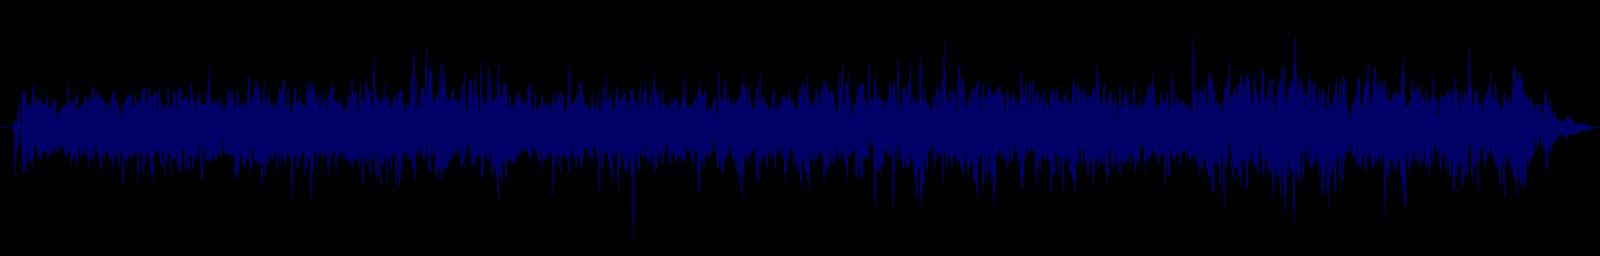 waveform of track #140703